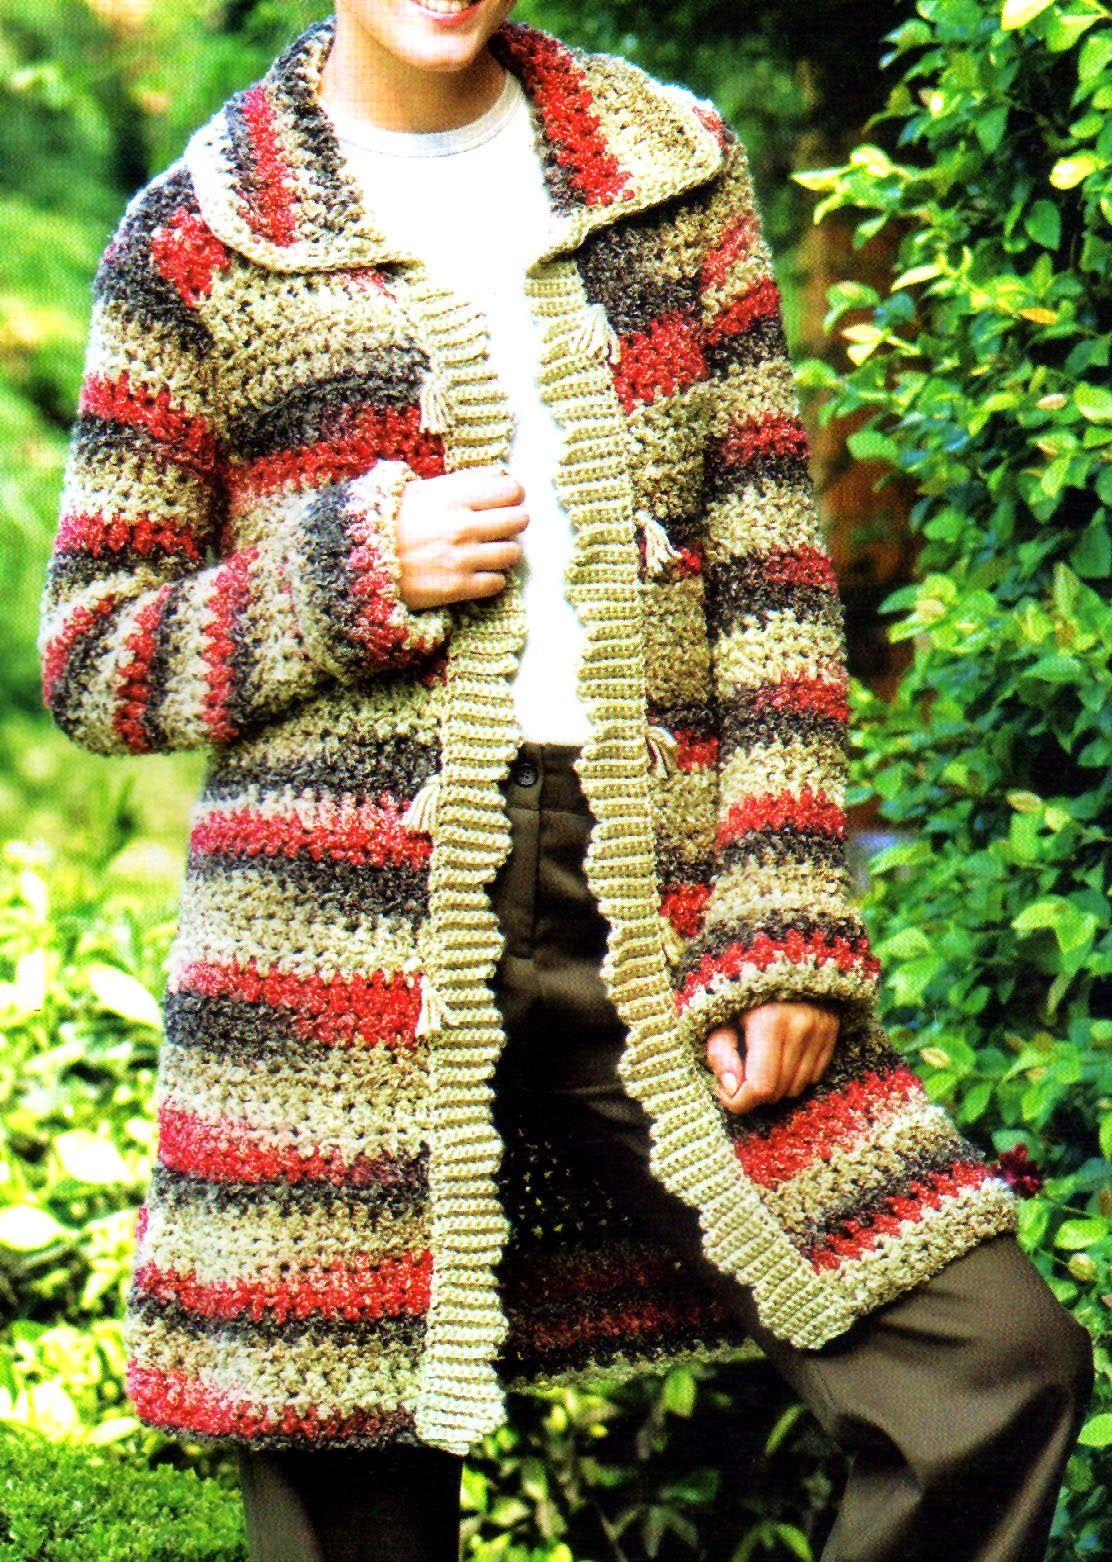 Cero Tapado Y Bajo Artesanales Grados En Para Boina Crochet Tejidos z4XqA